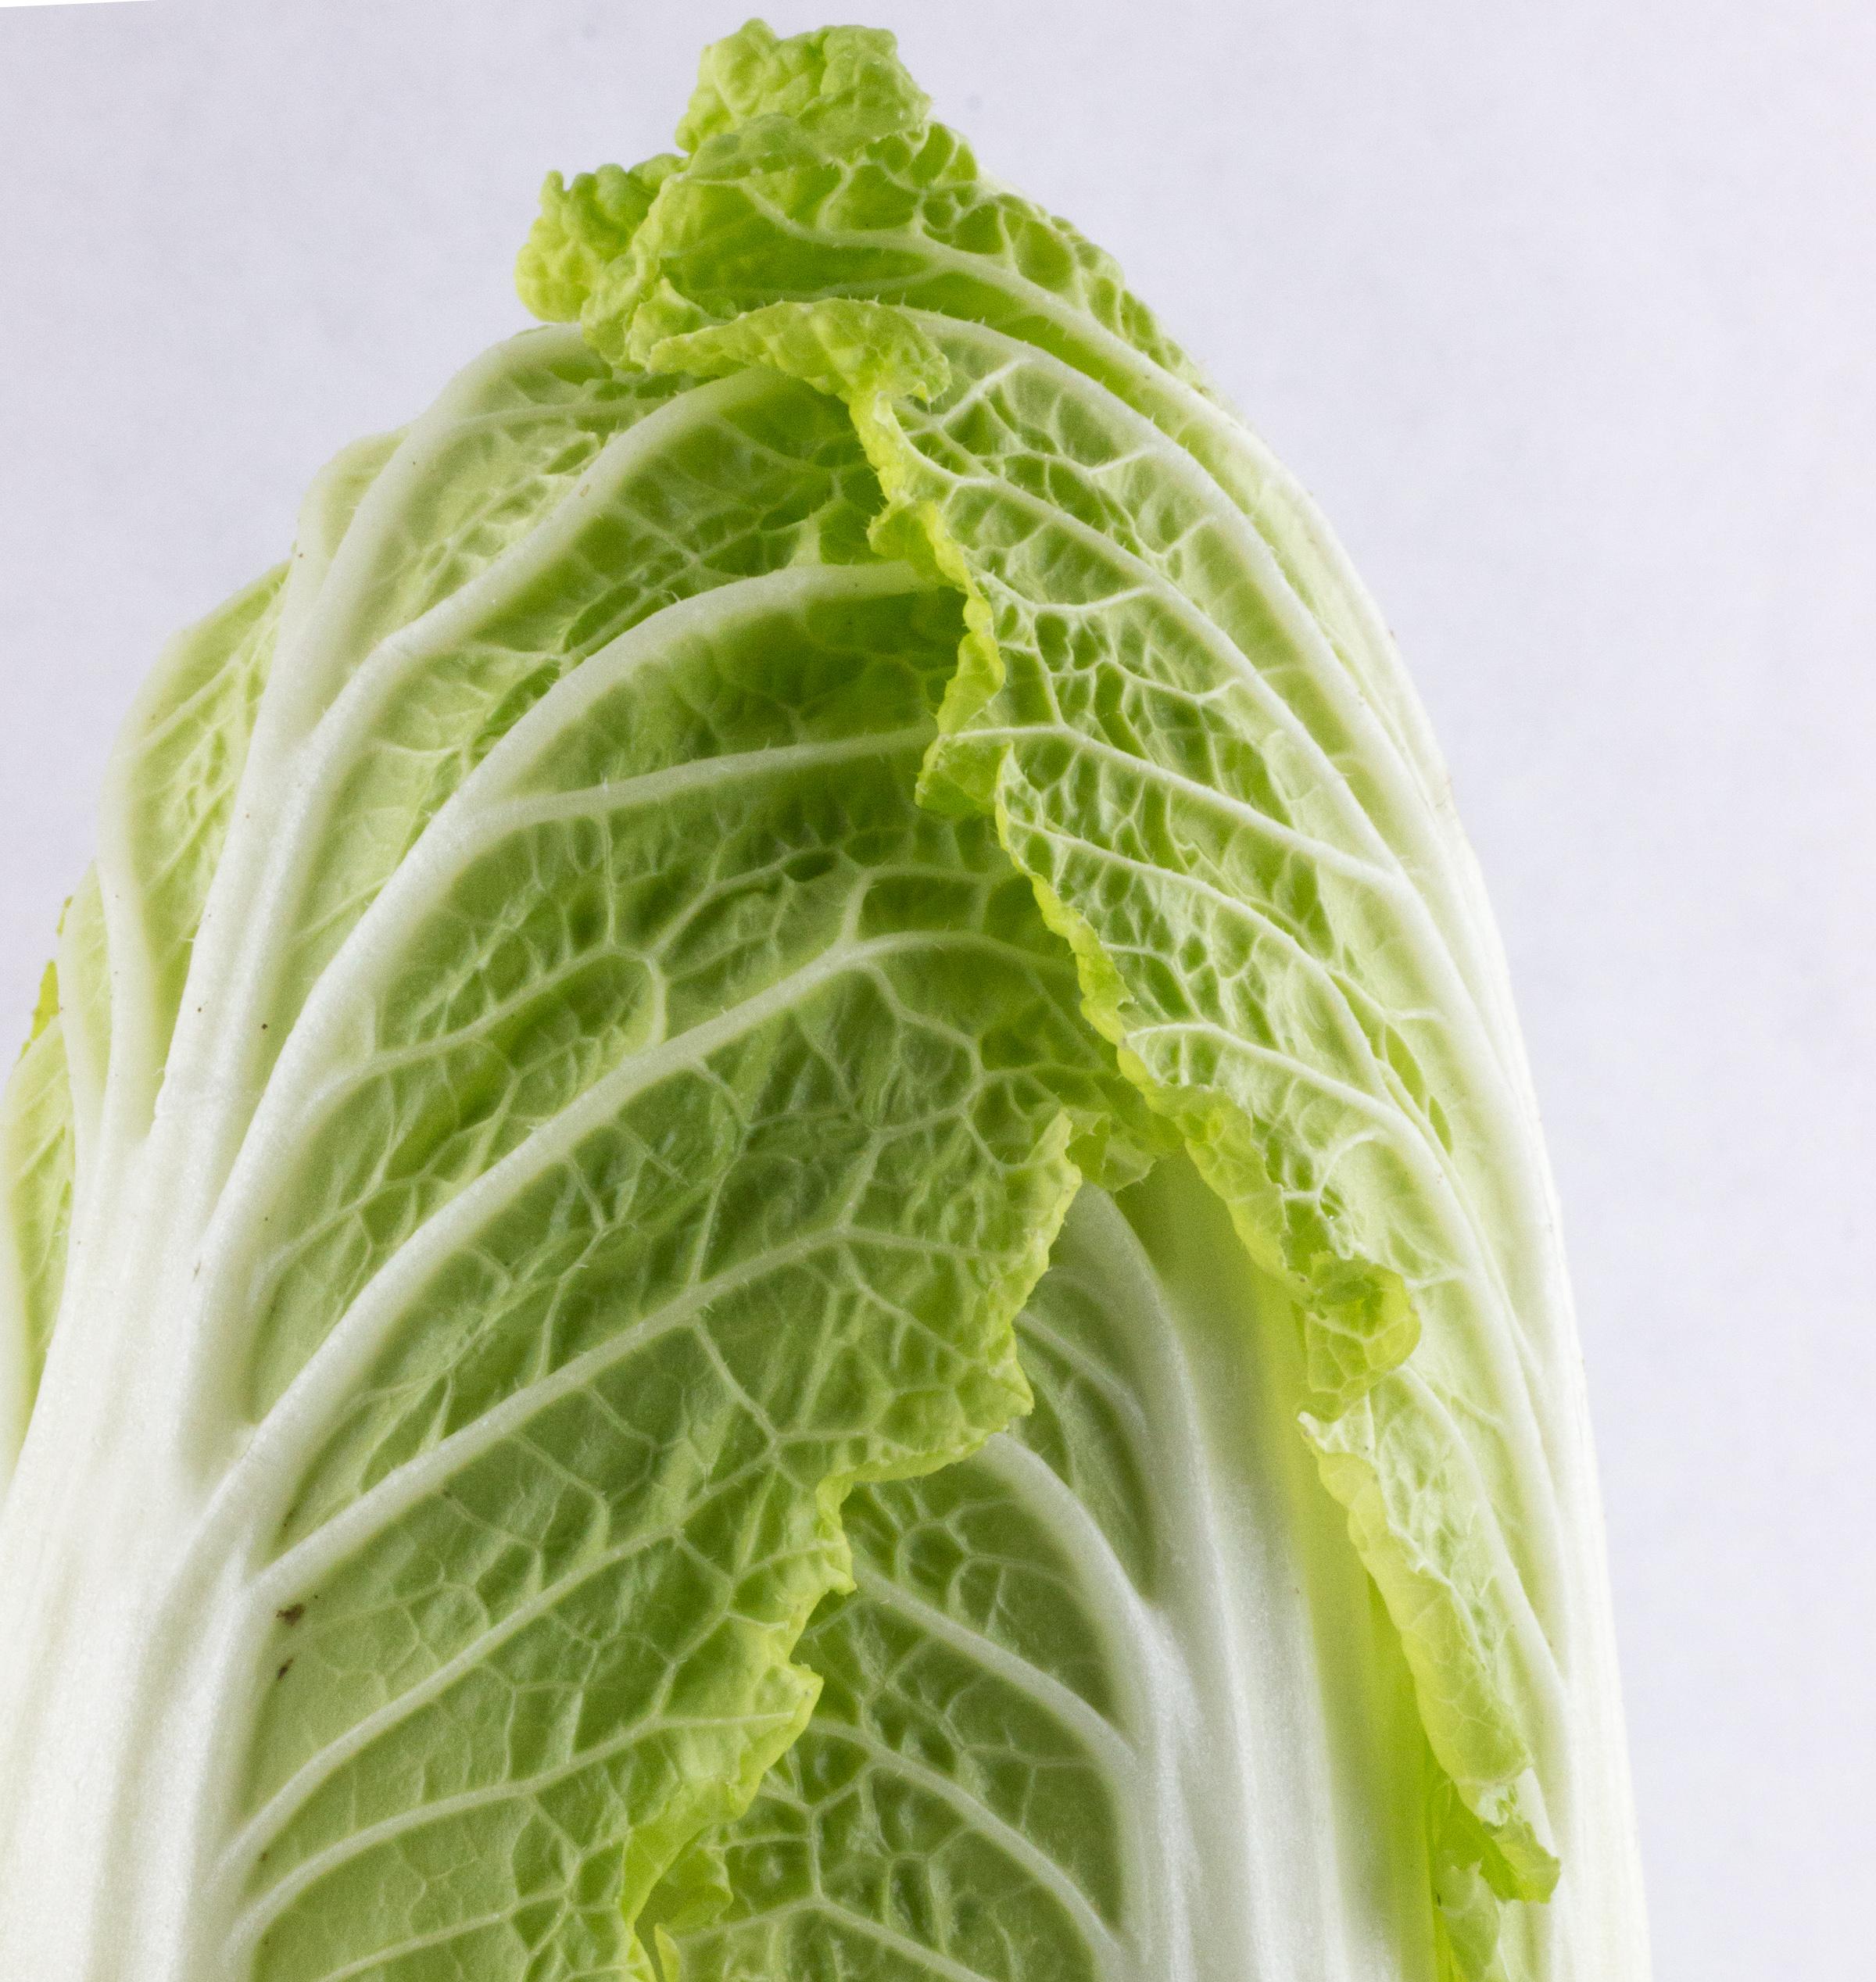 Napa Cabbage close-up